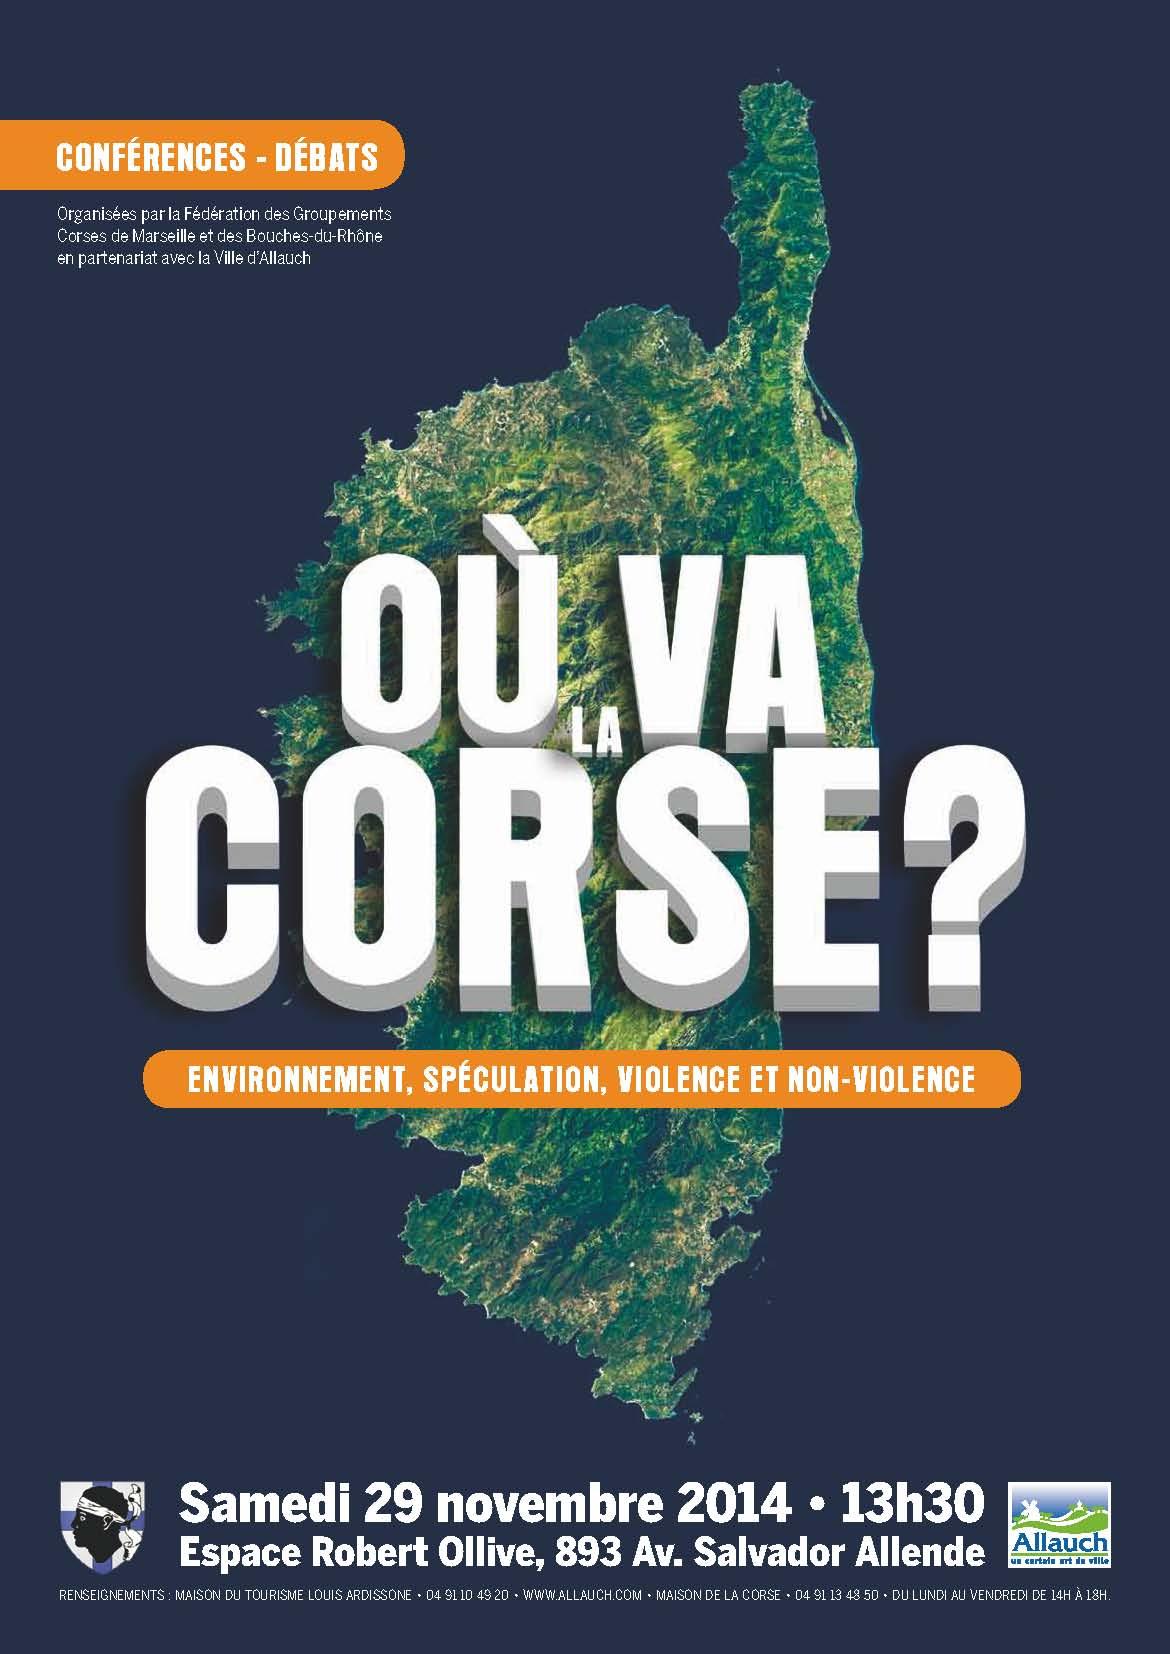 """Environnement, spéculation, violence et non-violence : """"Où va la Corse ?"""", conférence-débat à Allauch"""